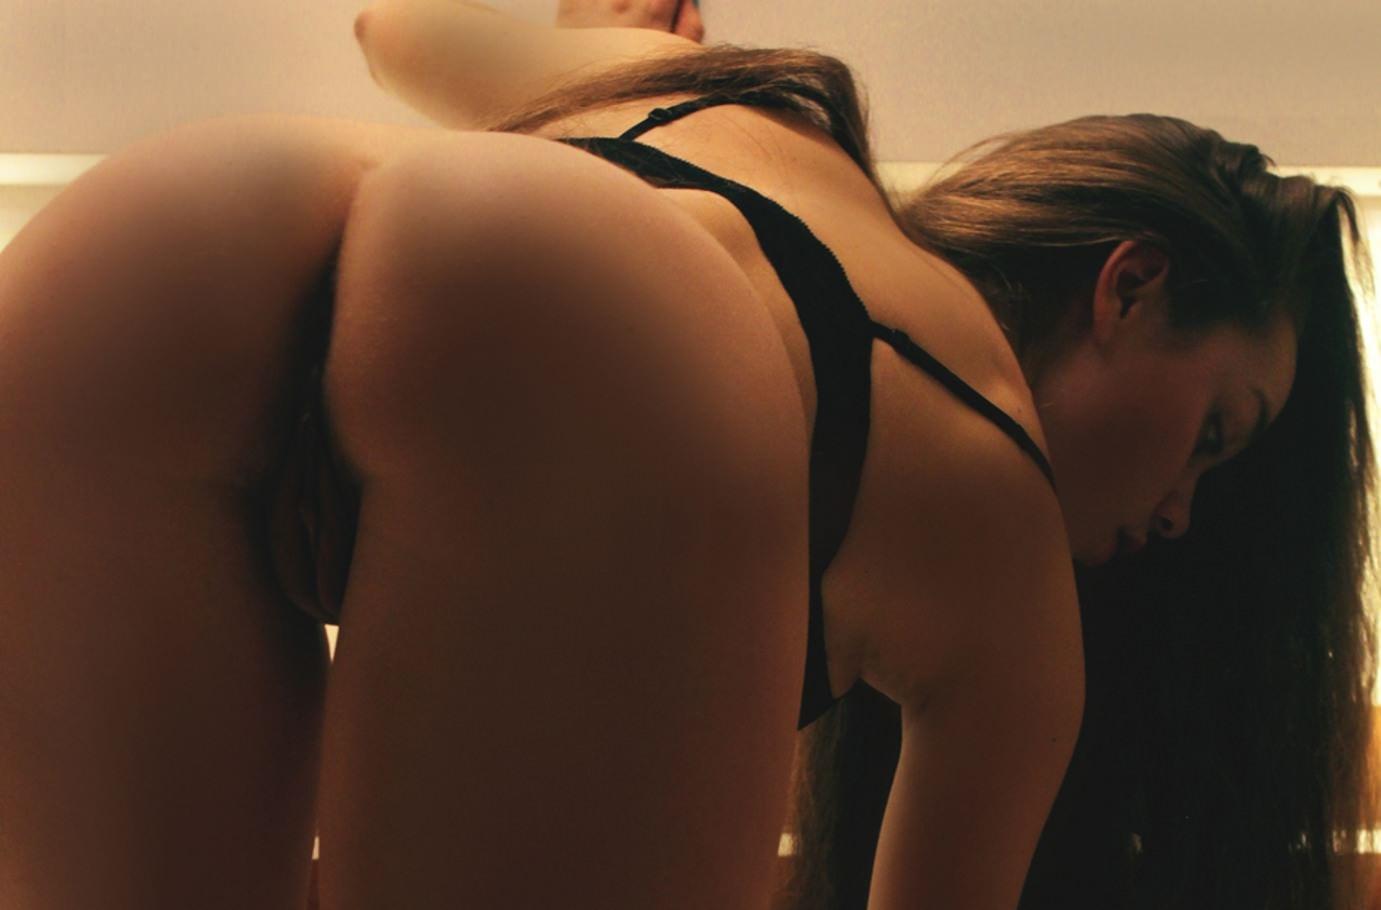 Фото Девушка сняла трусики и наклонилась в спальне, черный лифчик на очереди, скачать картинку бесплатно